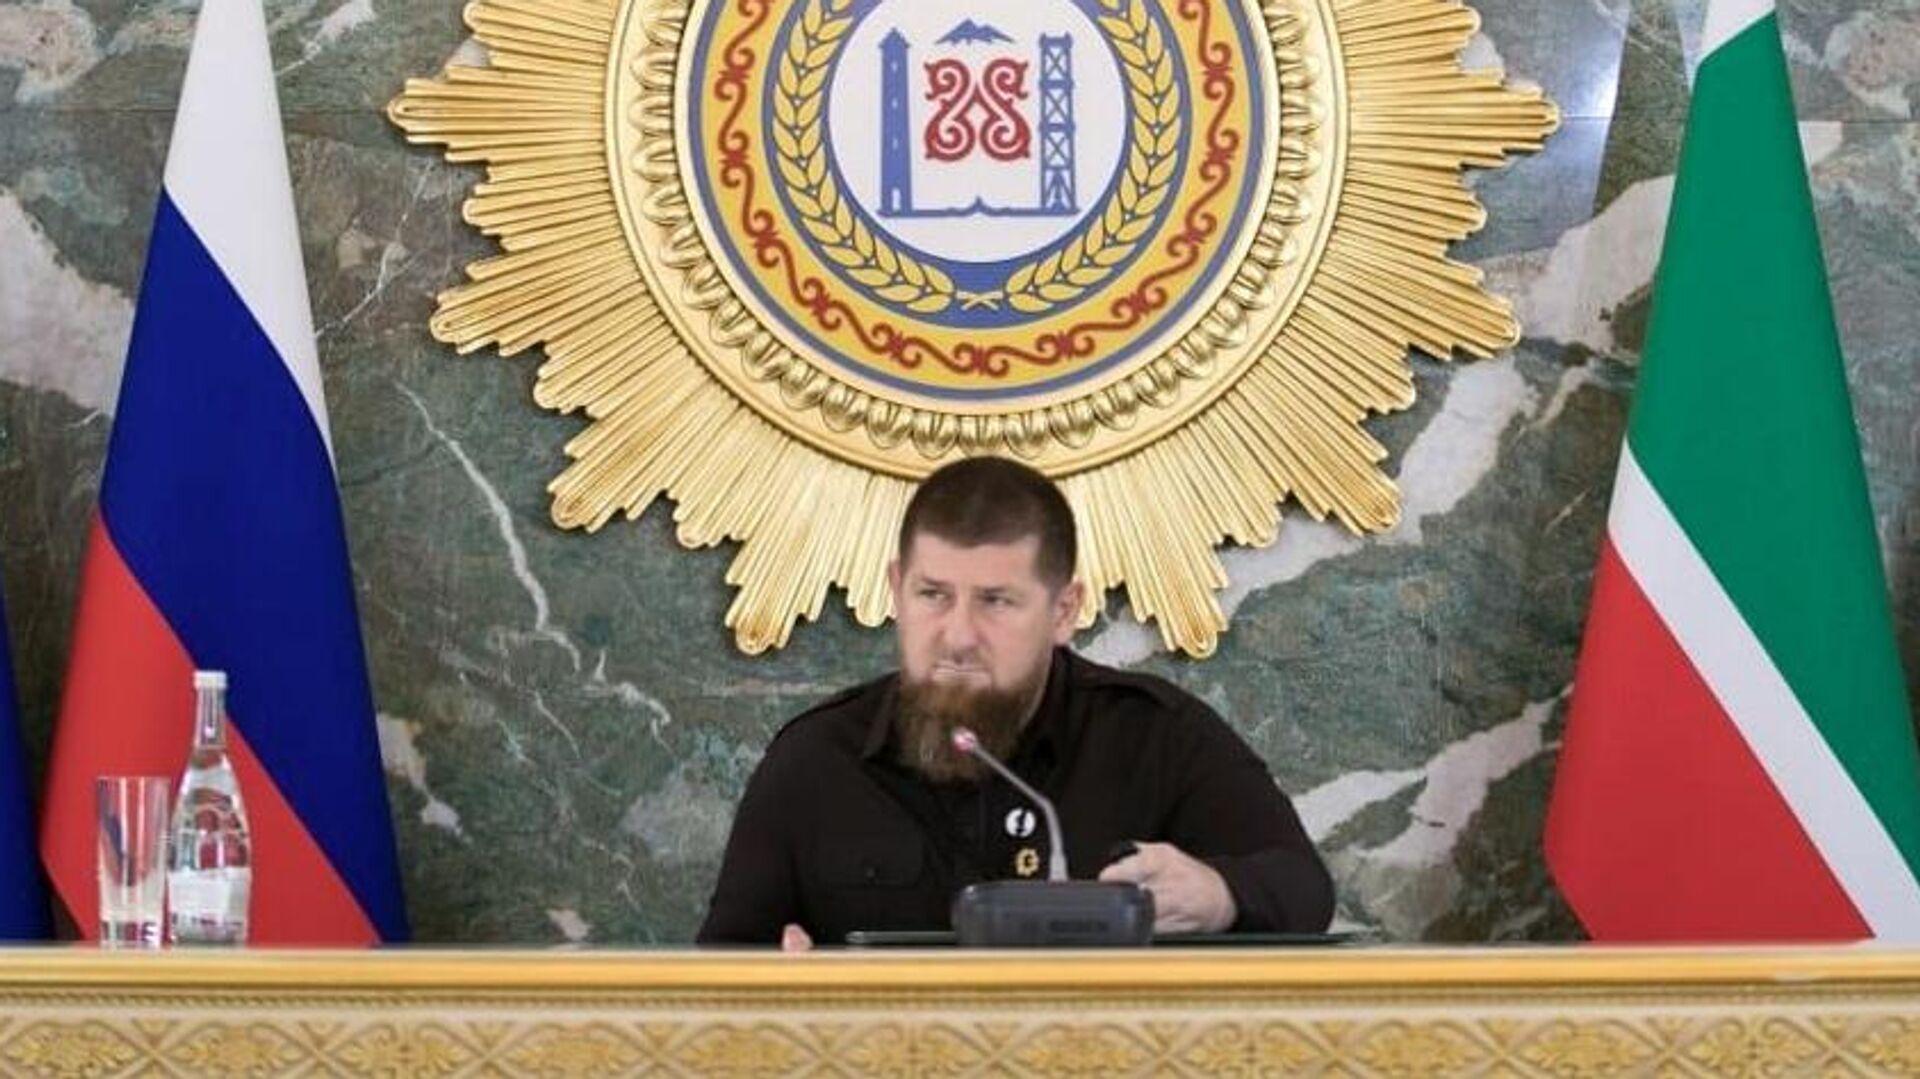 Глава Чечни Рамзан Кадыров - РИА Новости, 1920, 27.09.2020